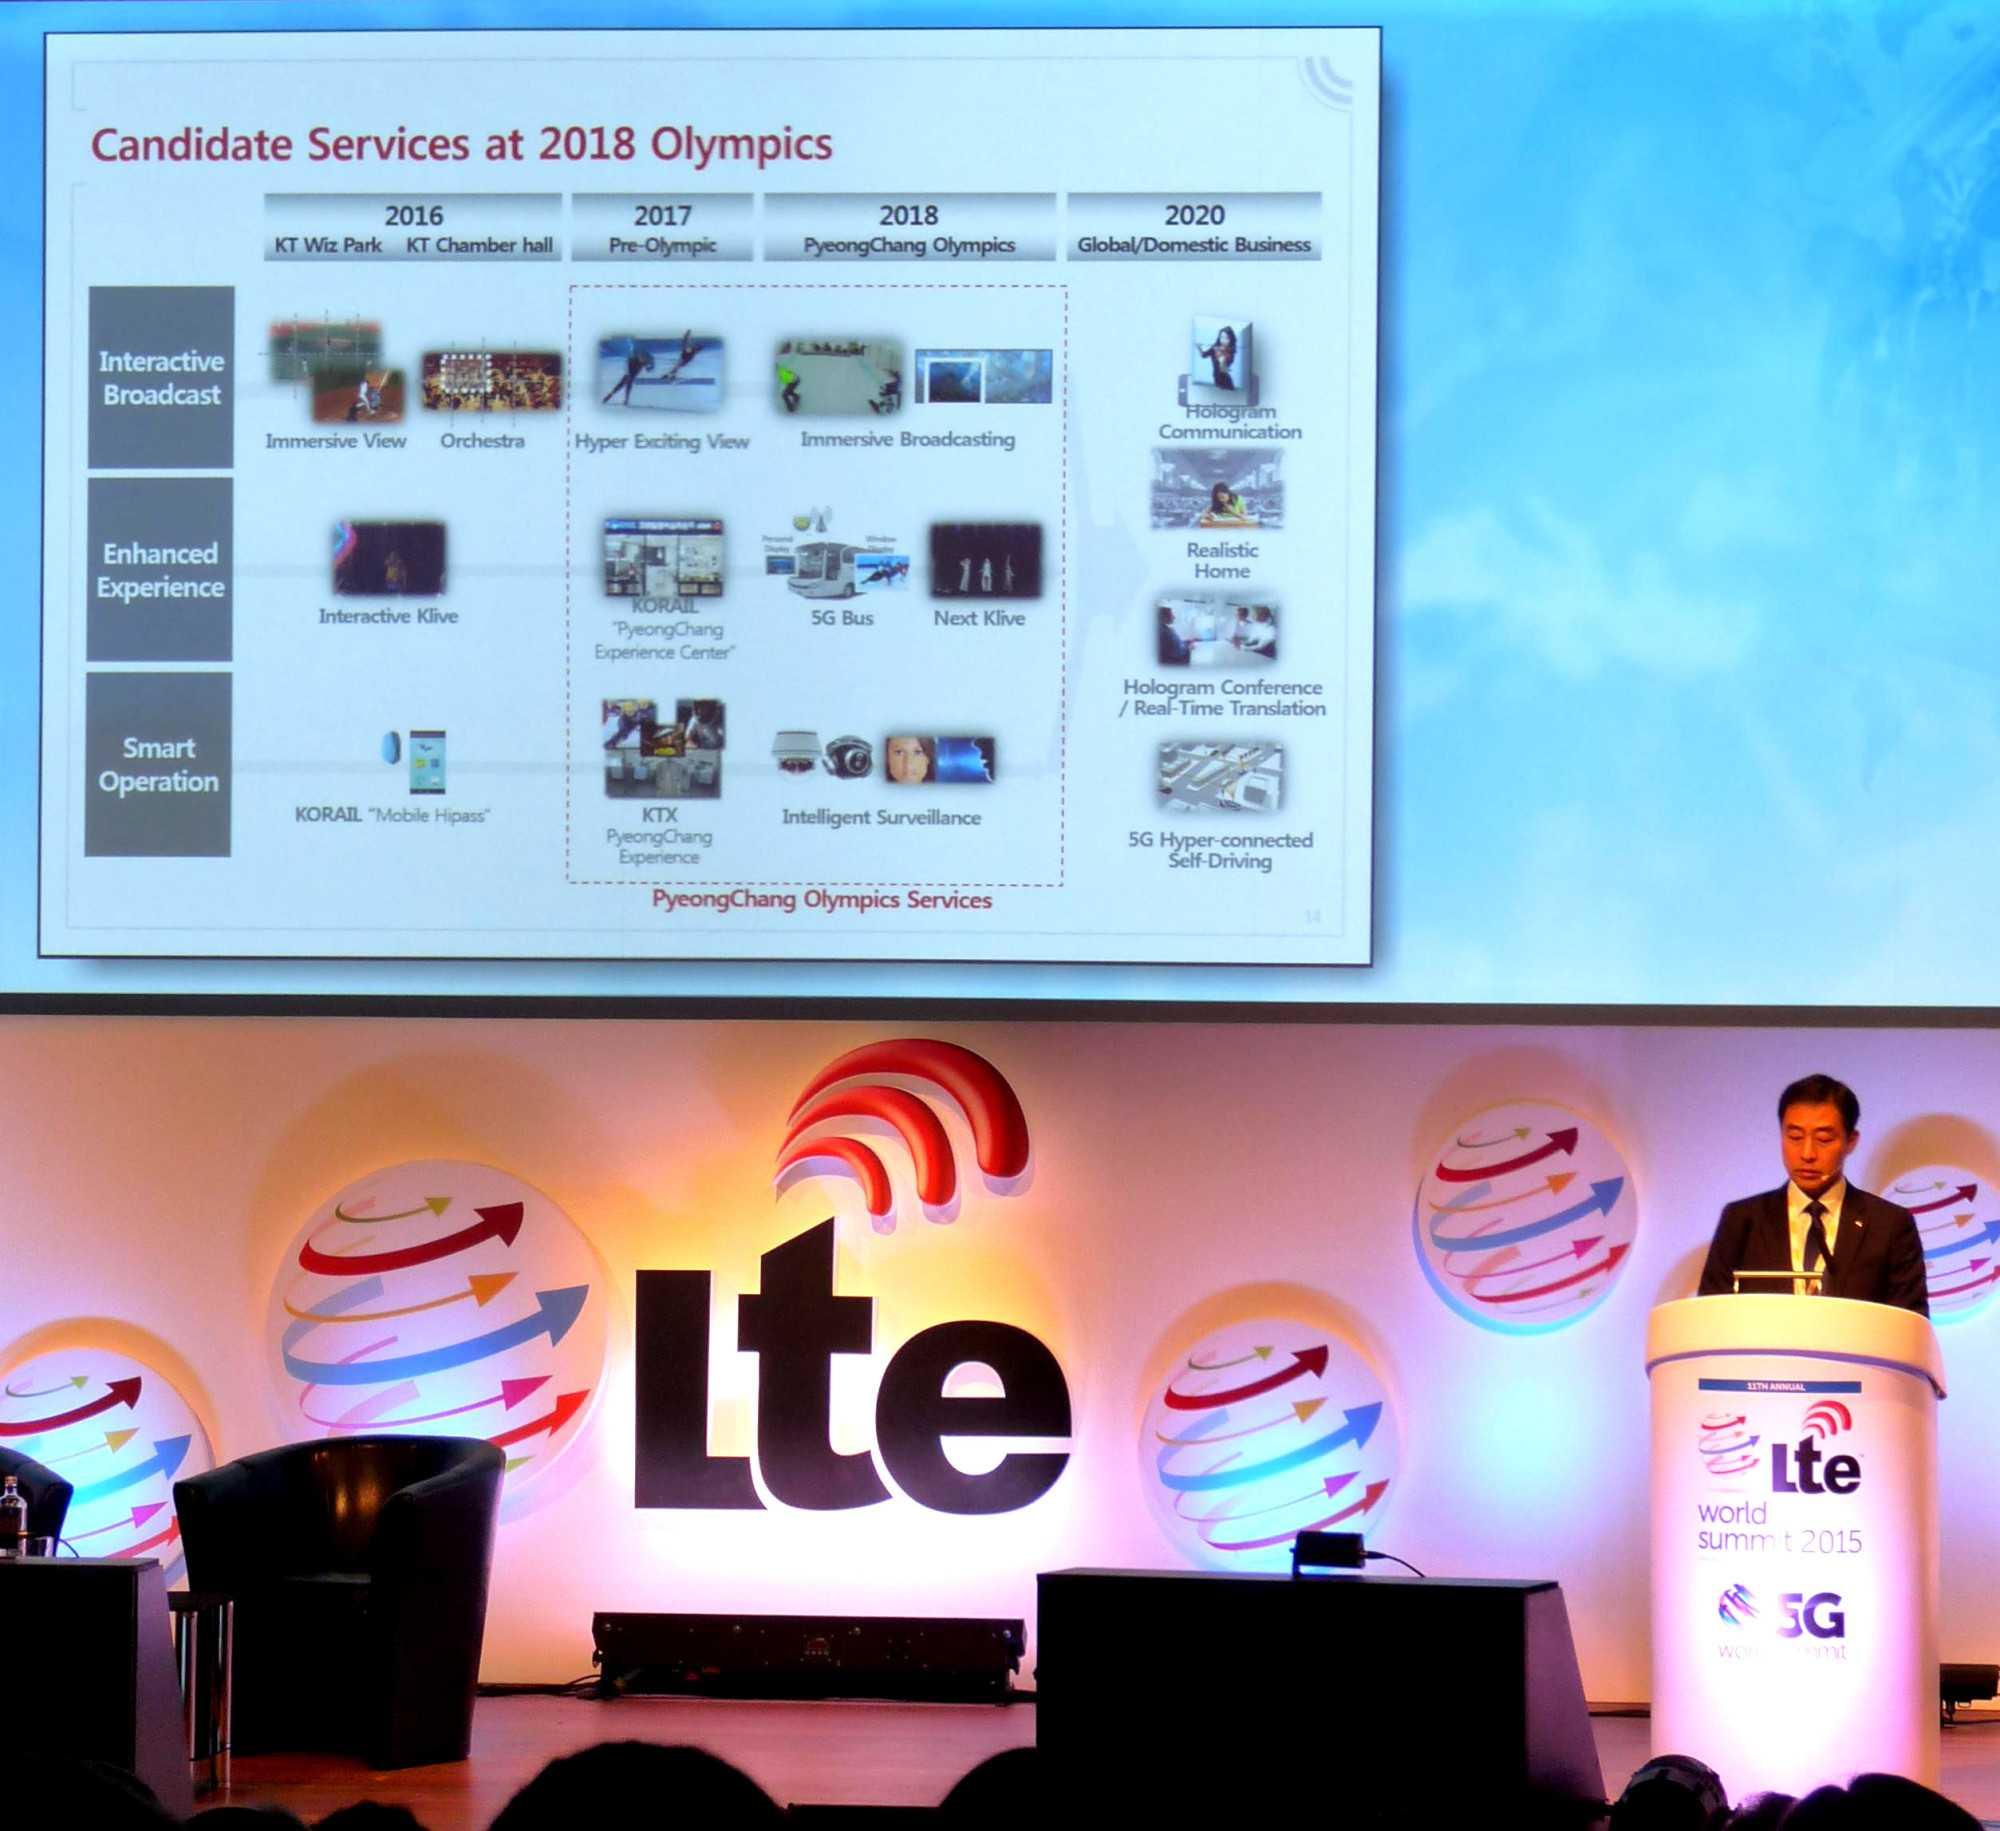 Die Olympischen Winterspiele 2018 sollen als Test für 5G-Mobilfunk genutzt werden, erklärt Jae-yoon Park (Senior Vice President der Network Technology Unit, Korea Telecom).